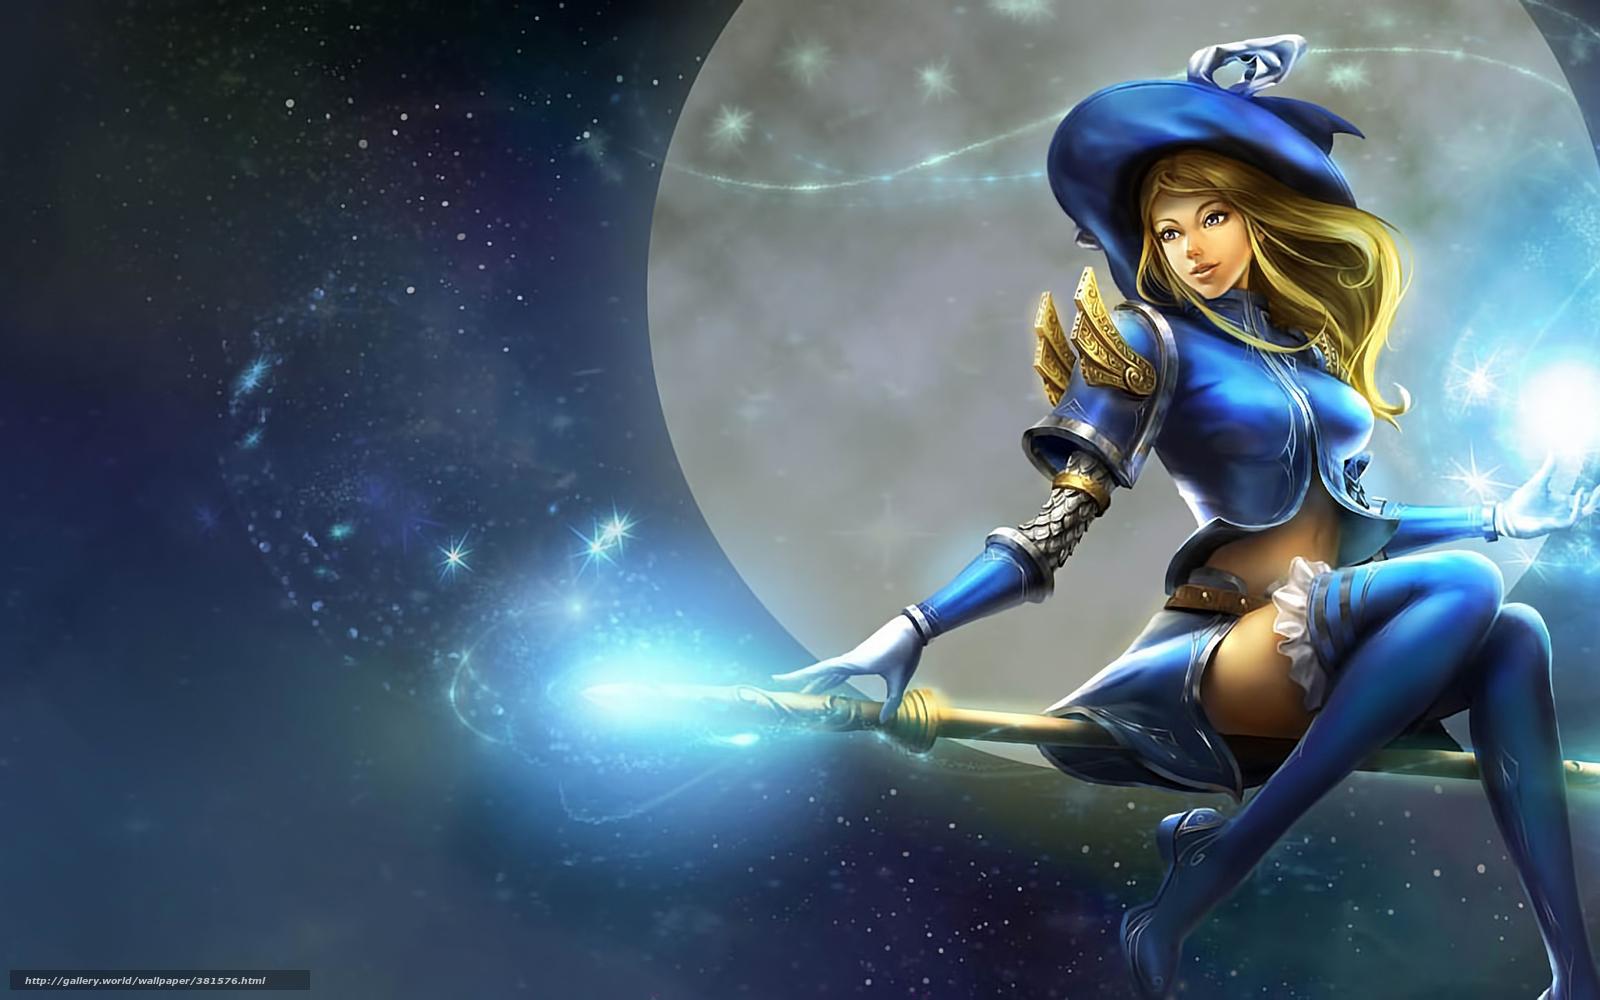 Хентай девочка волшебница исука онлайн 16 фотография